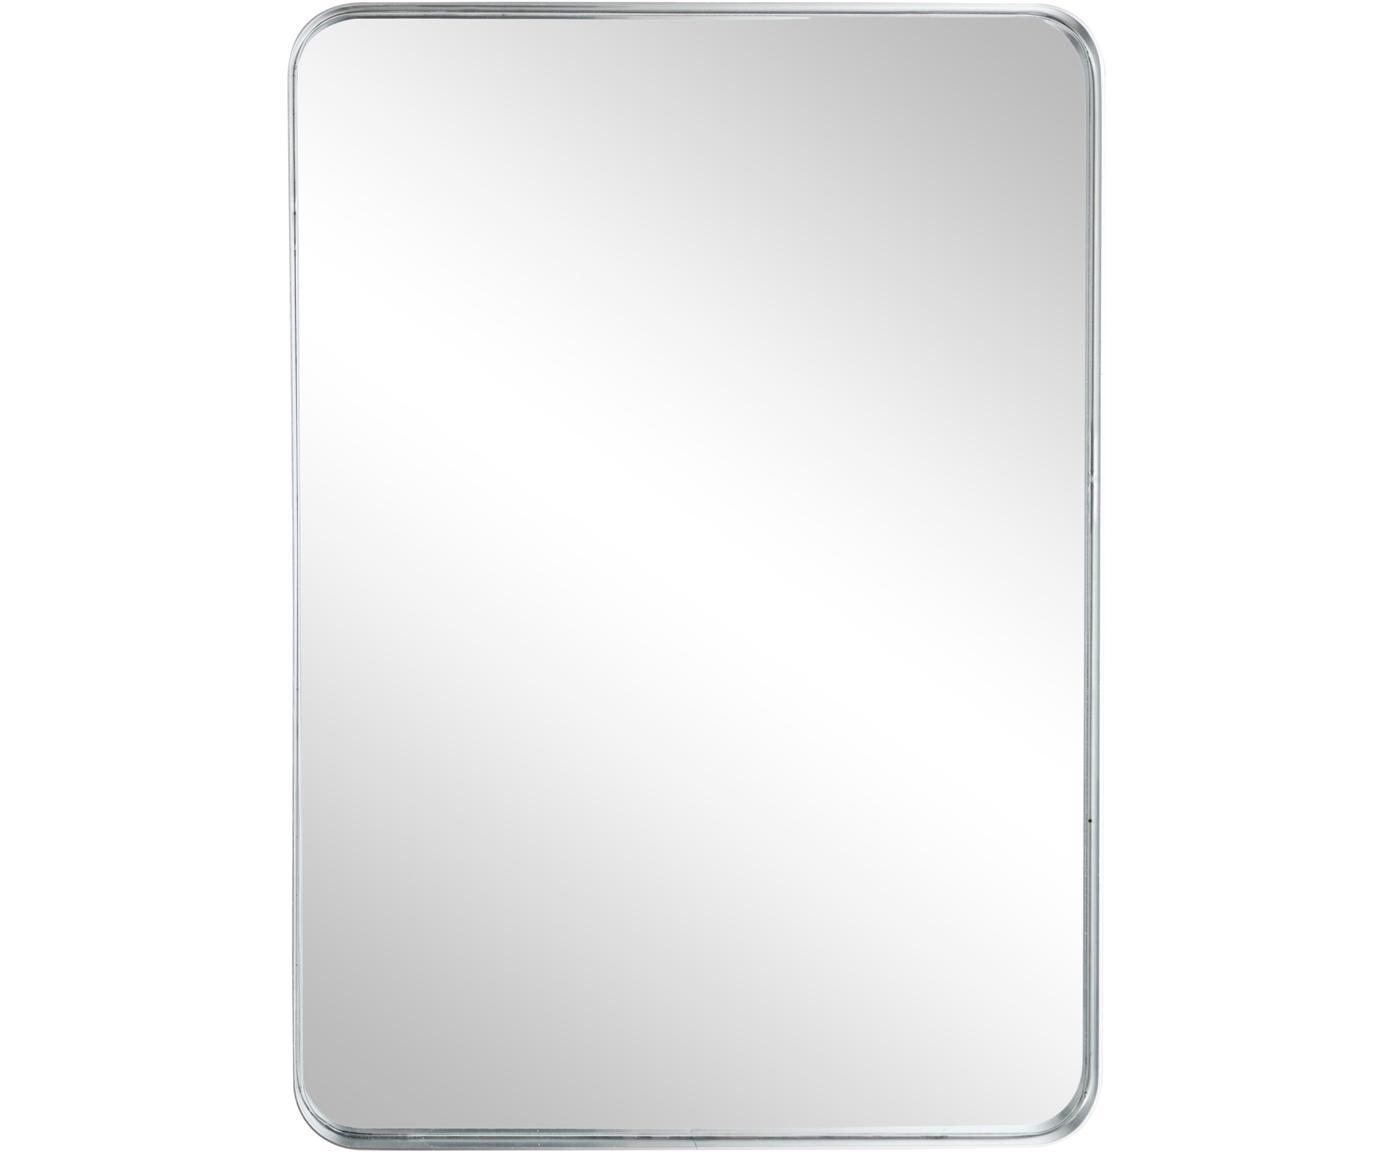 Wandspiegel Sile mit Metallrahmen in Silber, Rahmen: Metall, Spiegelfläche: Spiegelglas, Silberfarben, 40 x 56 cm